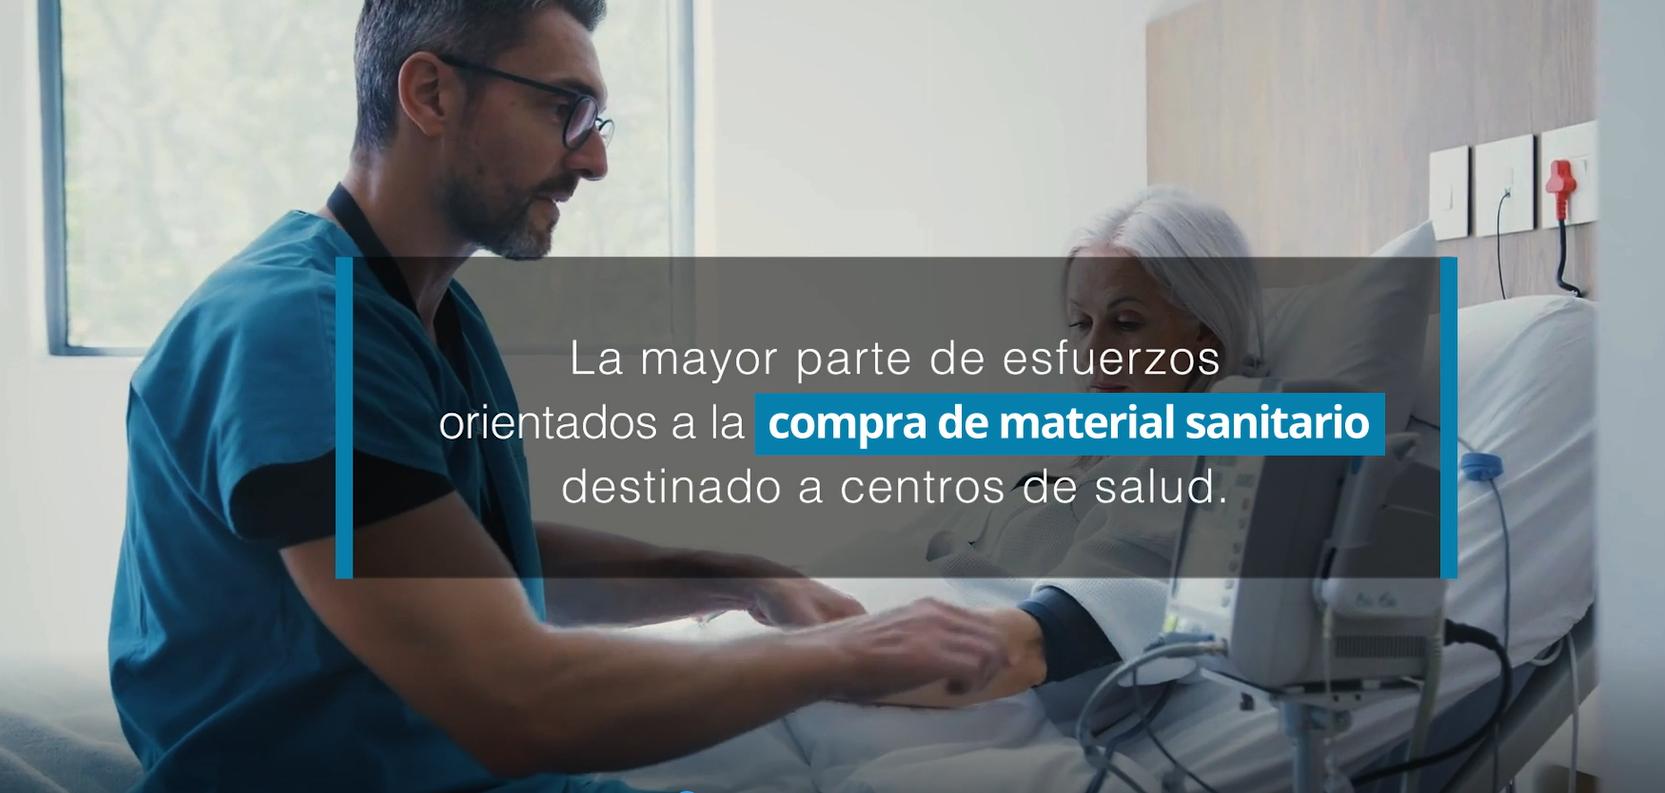 Informe #SERESResponsables, impacto social de las empresas frente a la COVID - 19